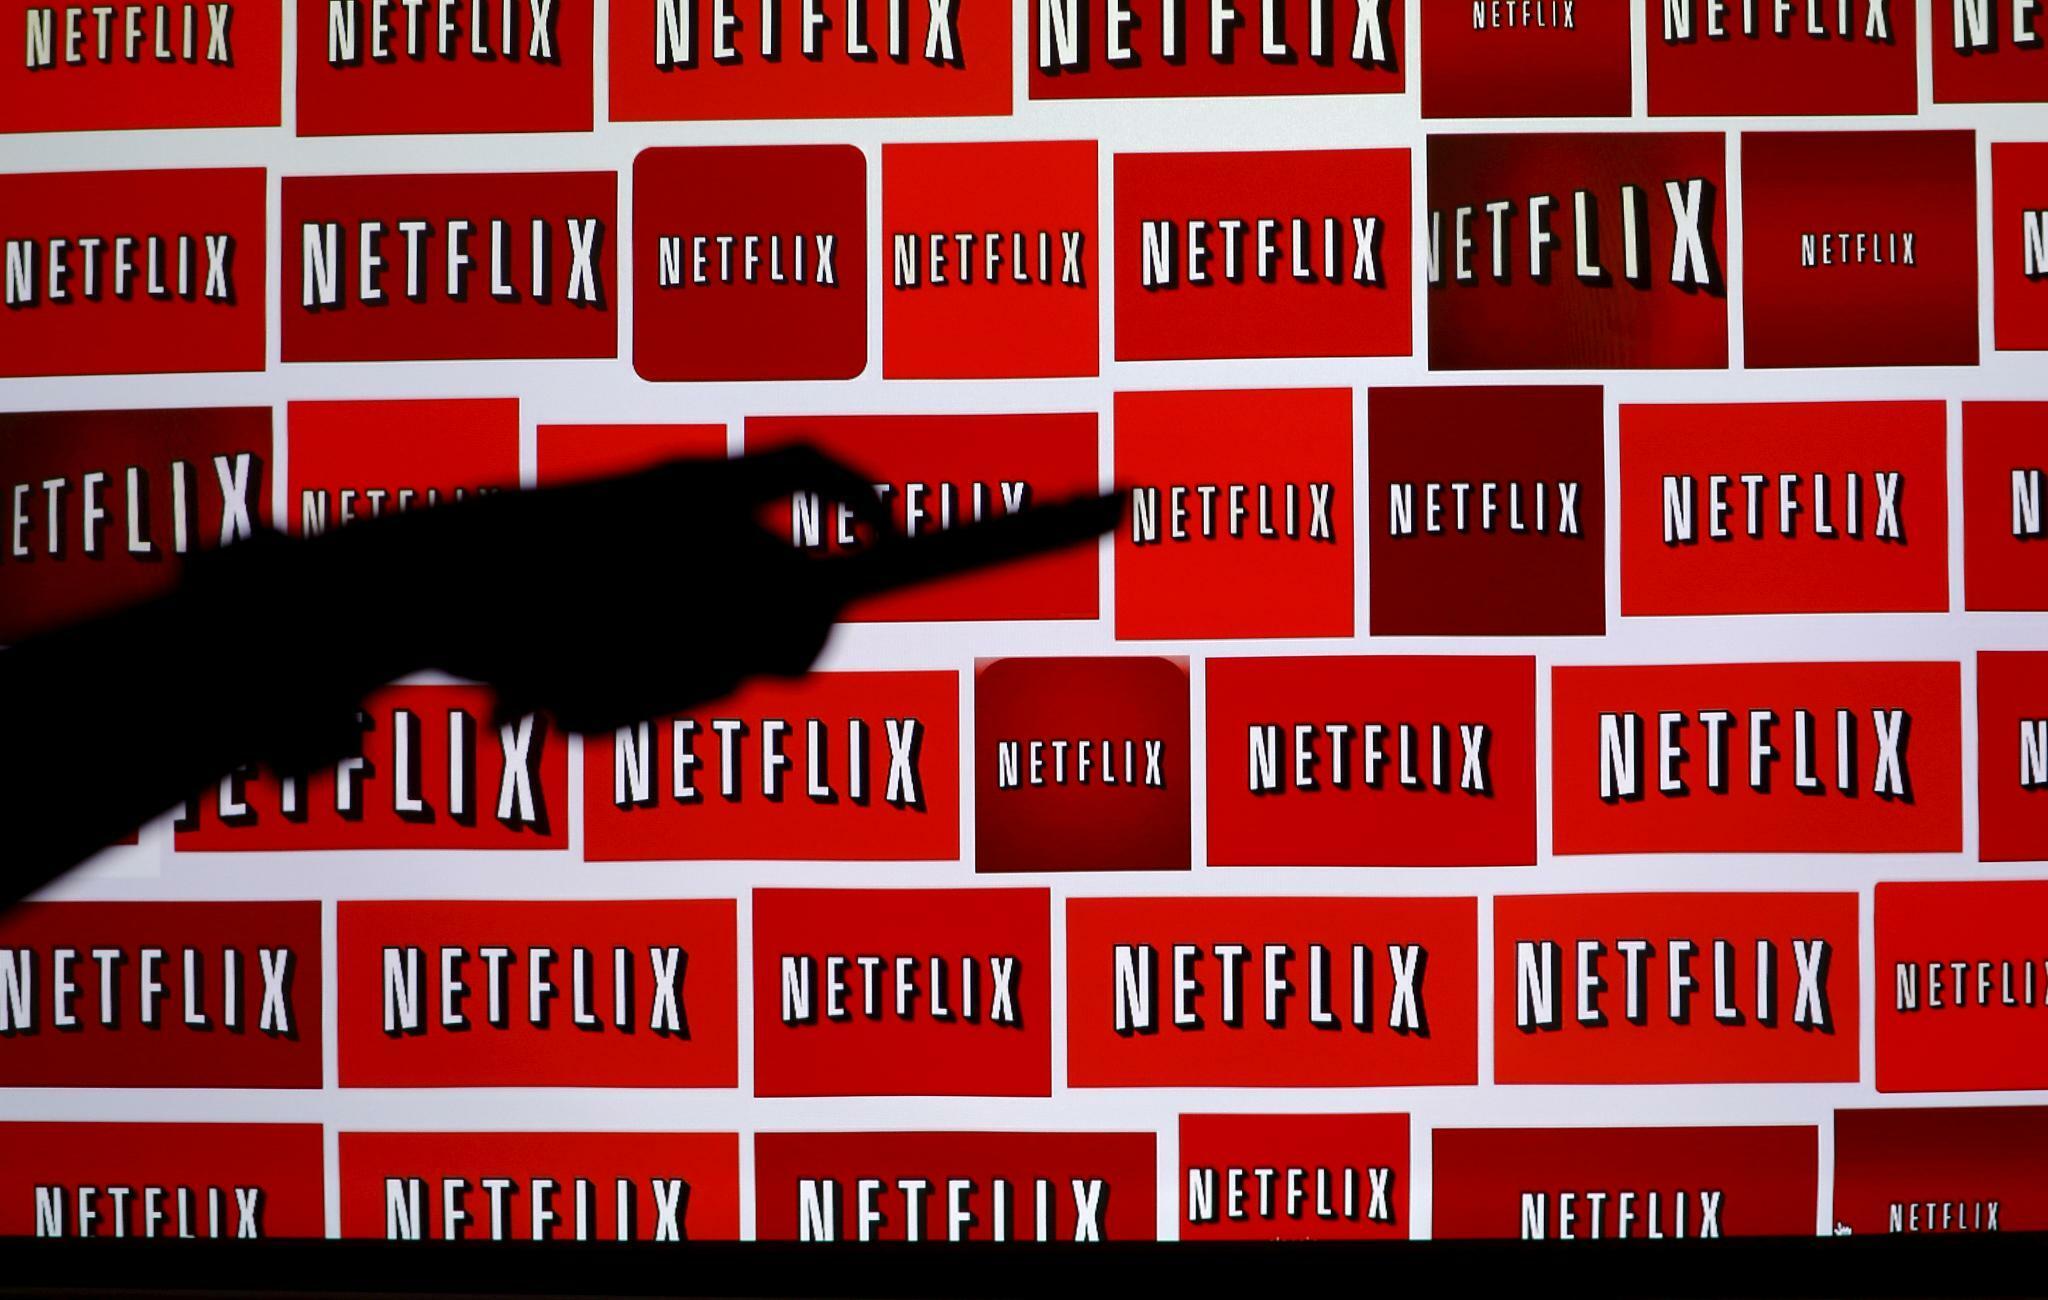 Netflix verpasst Neukunden-Ziel – Wall Street trotzdem begeistert